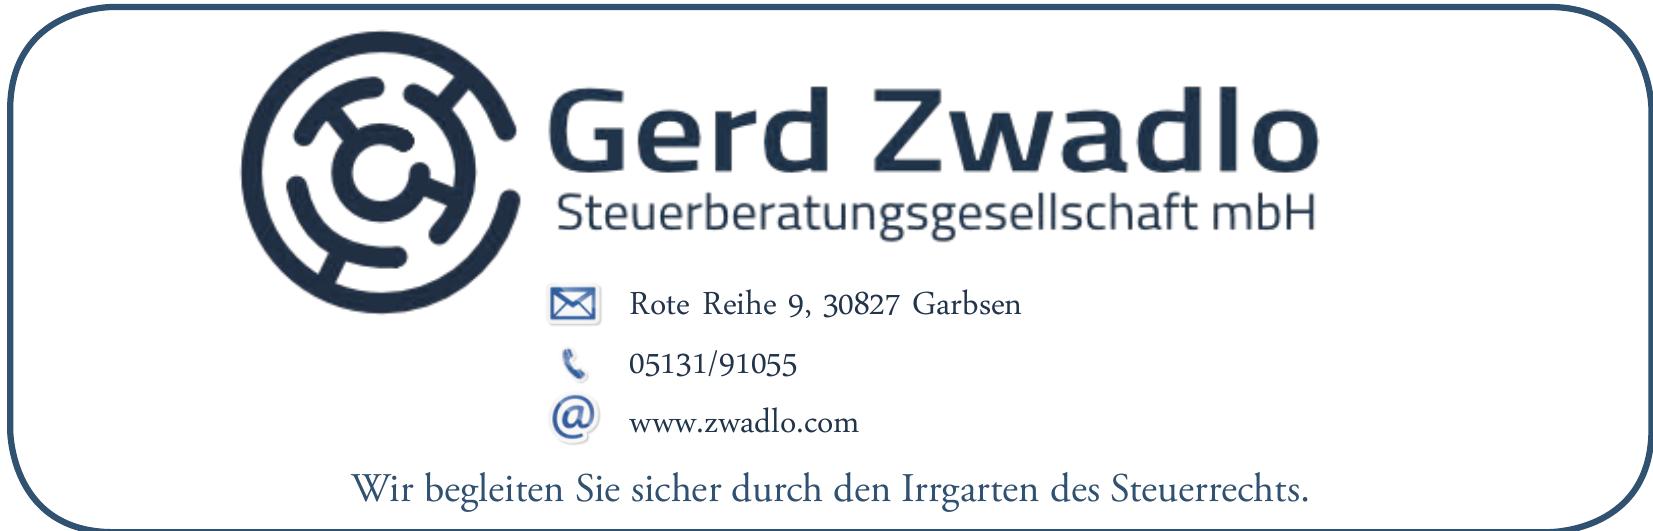 Gerd Zwadlo Steuerberatungsgesellschaft mbH